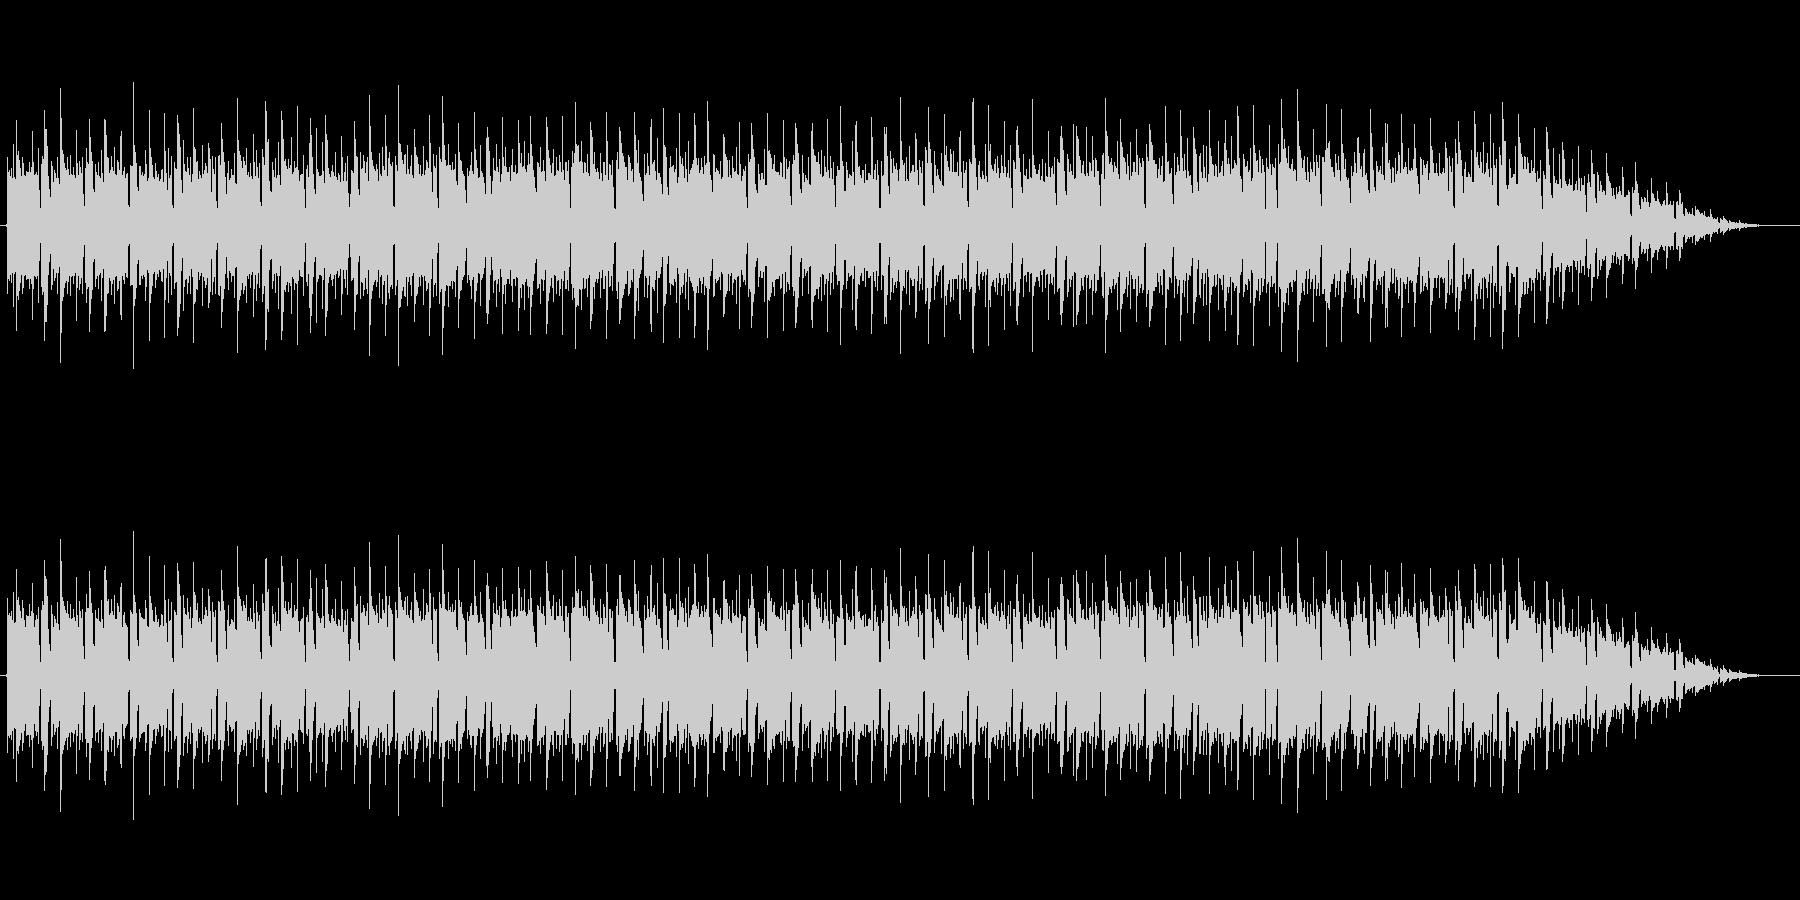 バトル チップチューン風 ローファイの未再生の波形